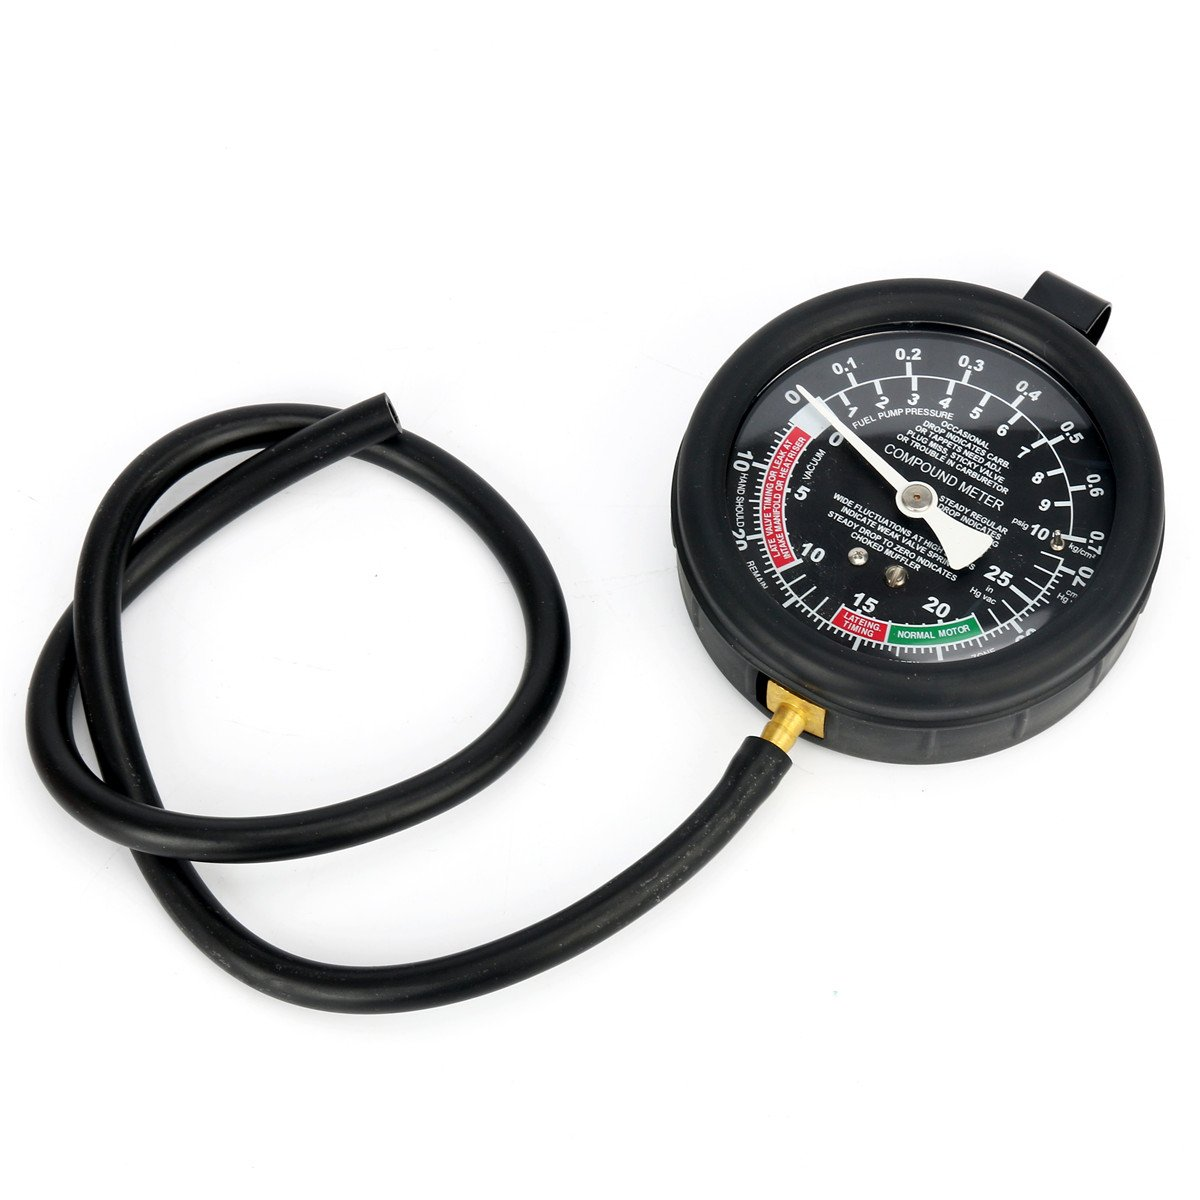 FreeTec Vakuumtester Unterdruck Tester Set Vakuum Messen Benzinpumpe Drucktester Vakuum Tester